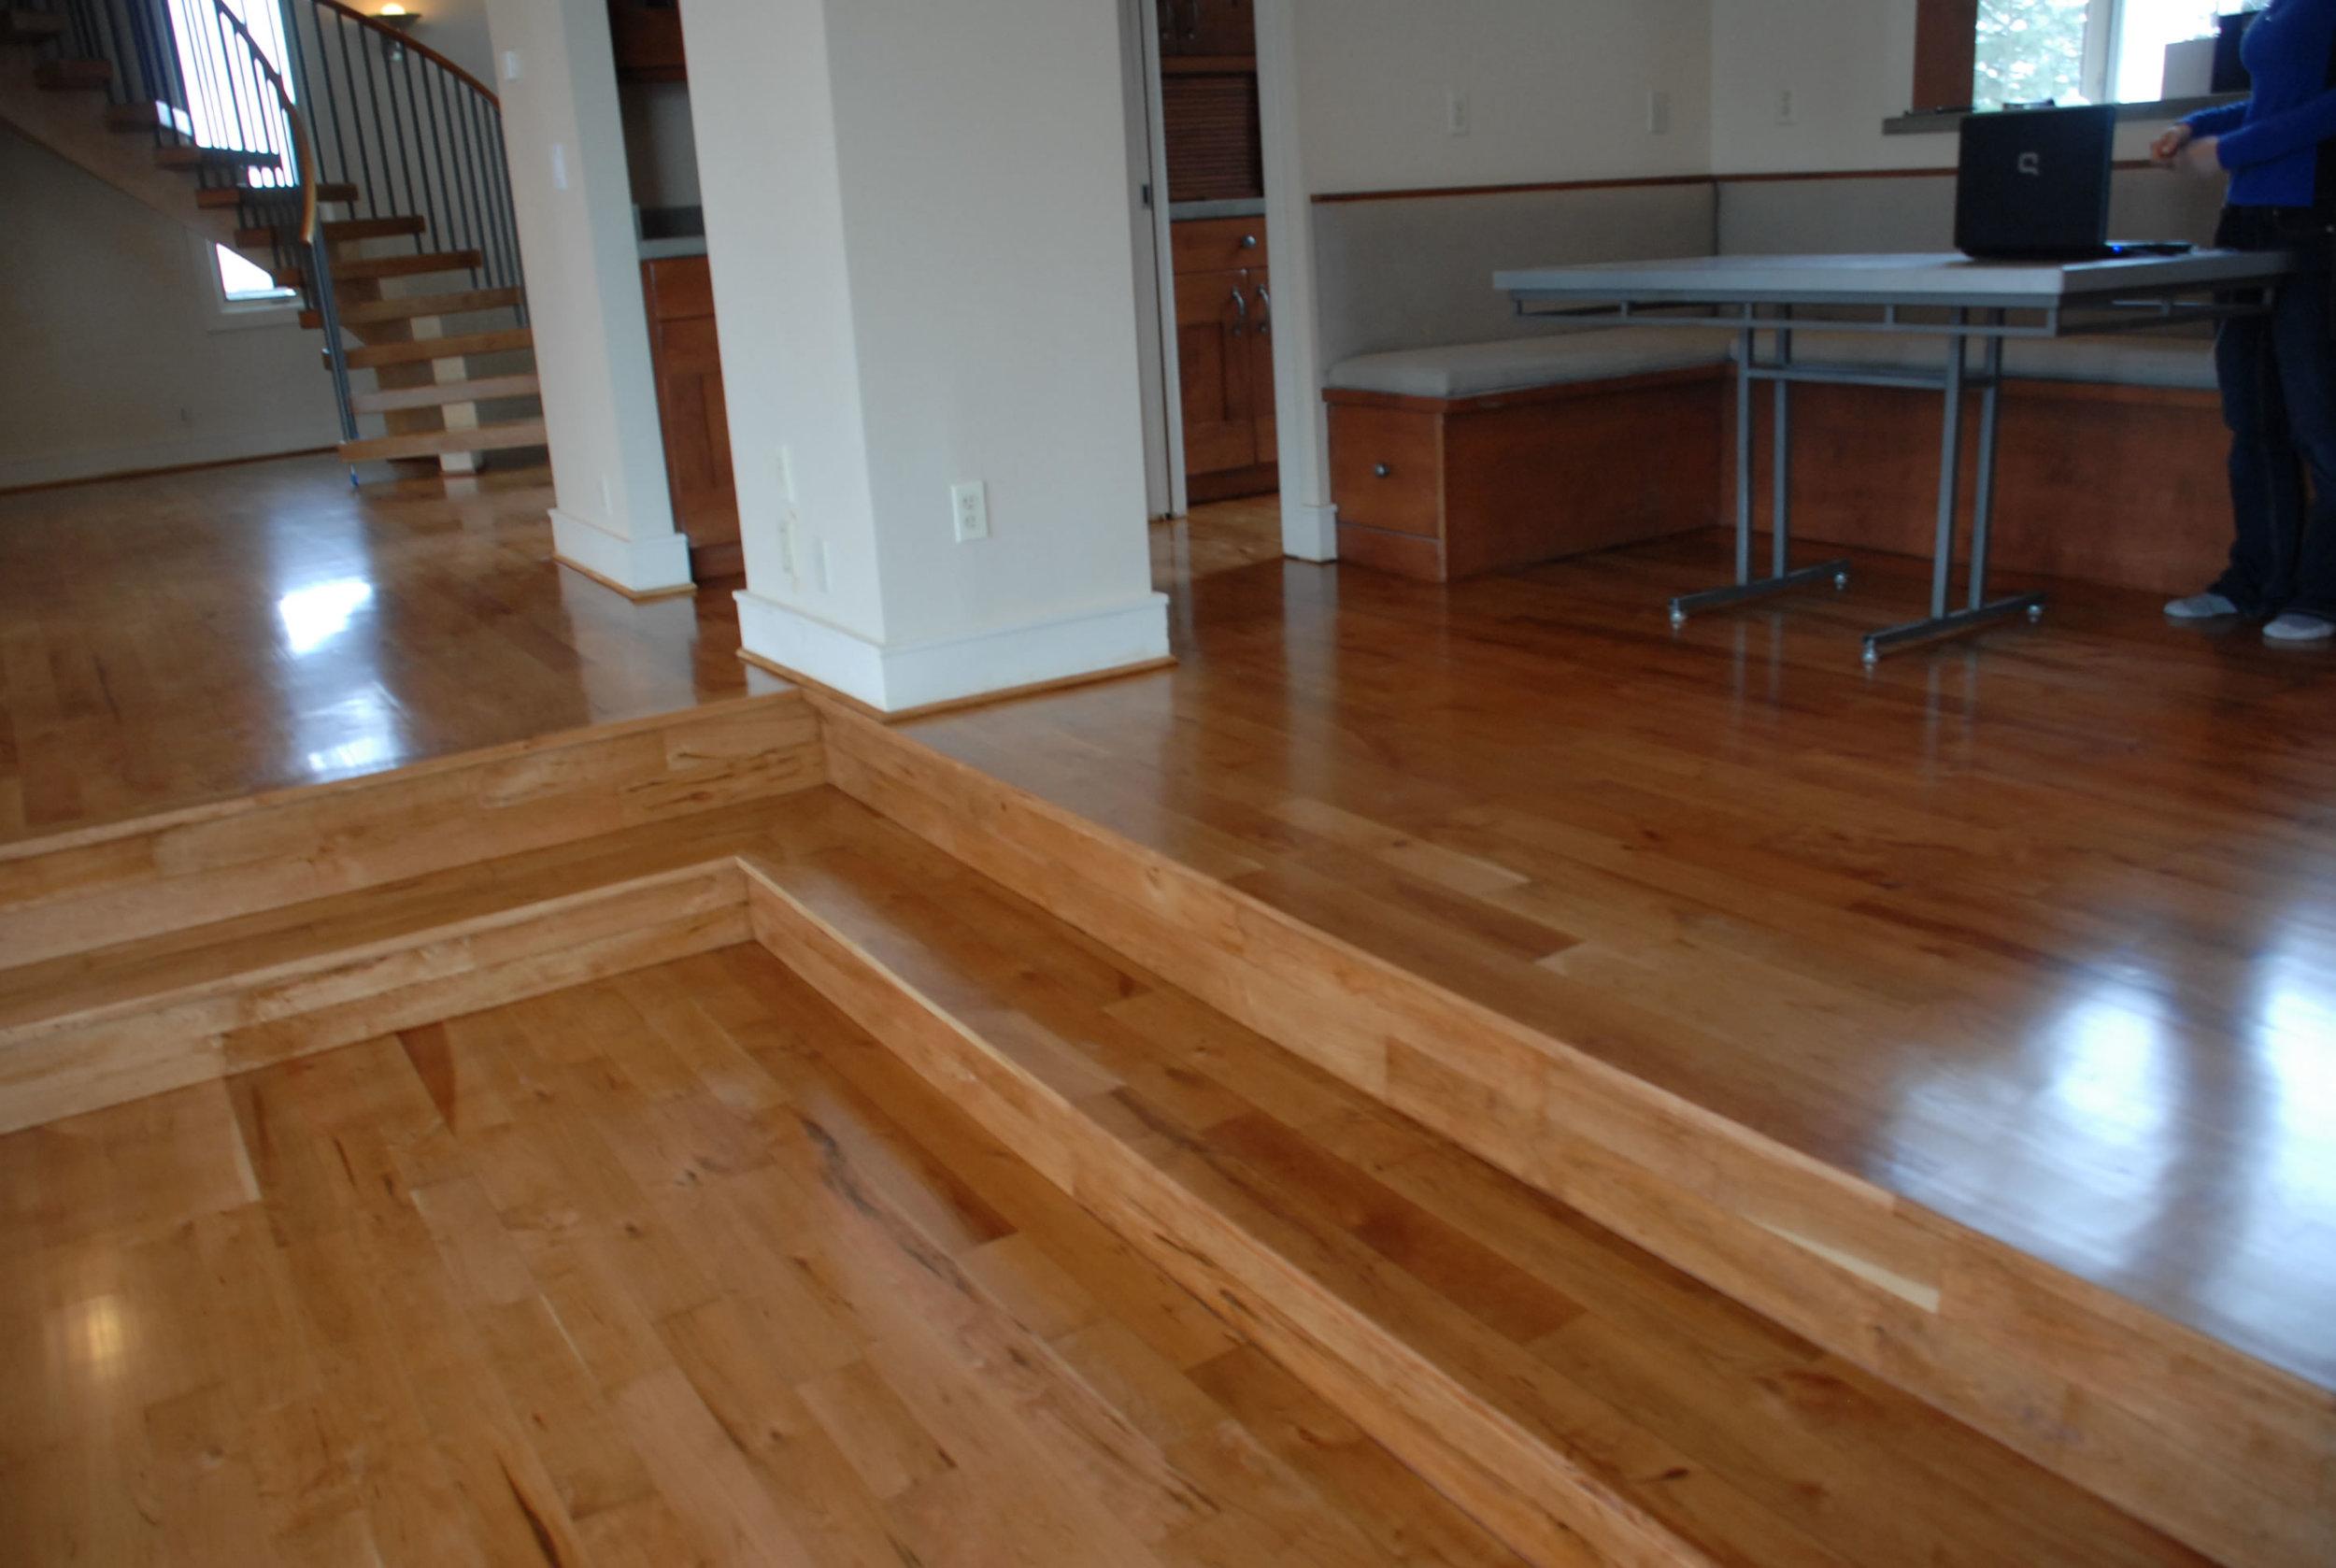 hardwood_flooring_inside.jpg